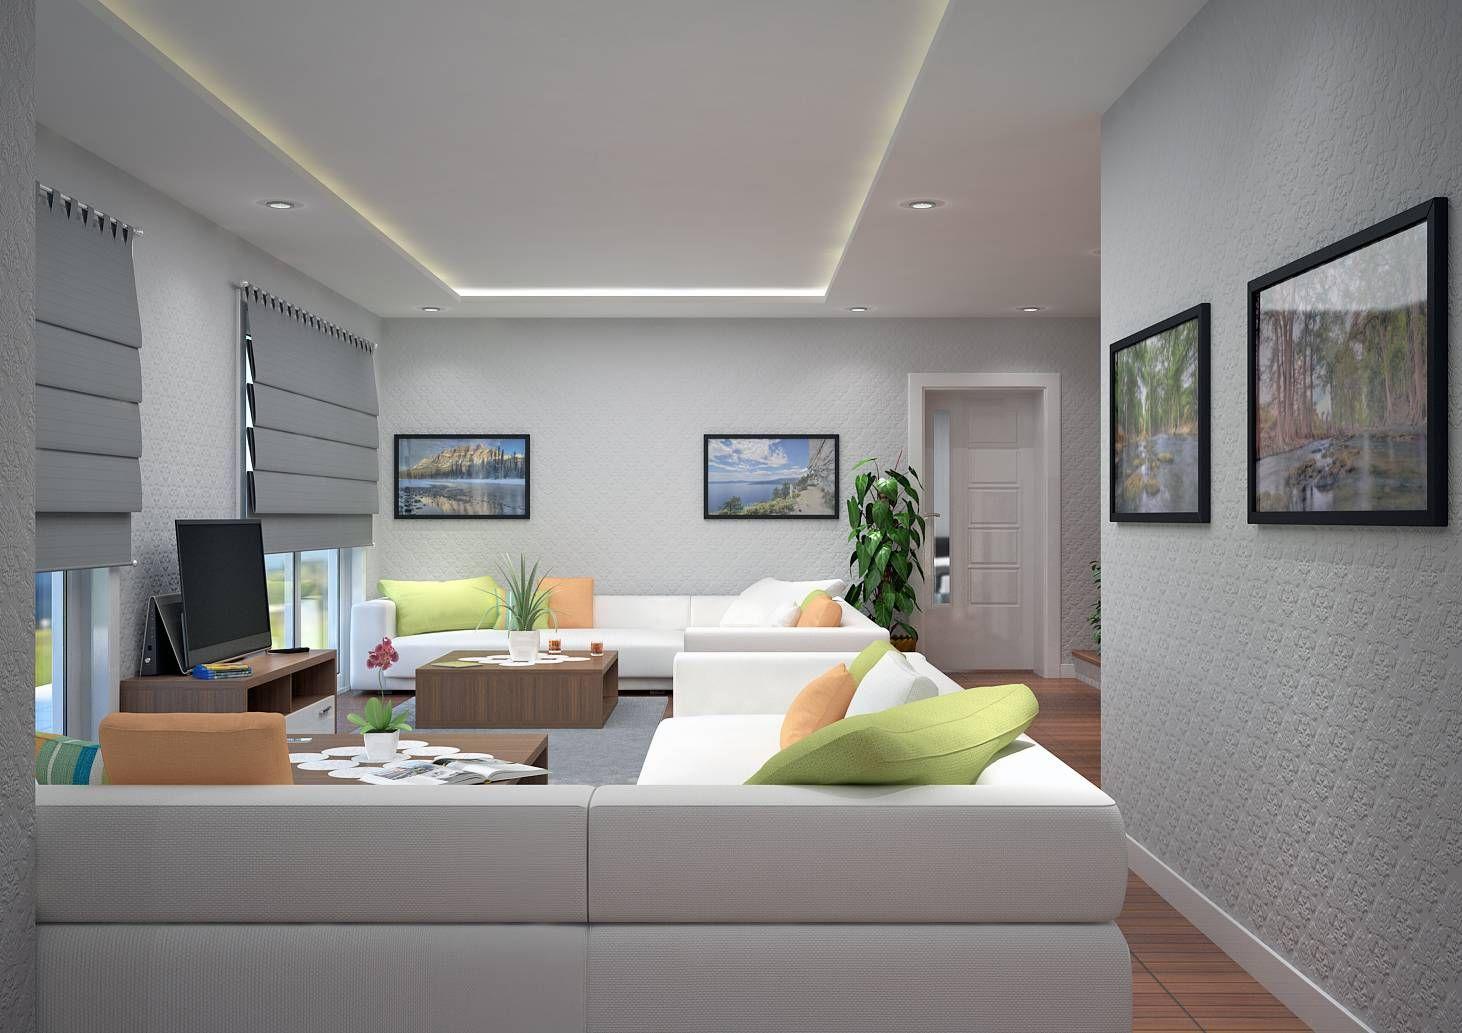 Maison moderne 150m2 azur logement provencal modern home for Maison contemporaine 150m2